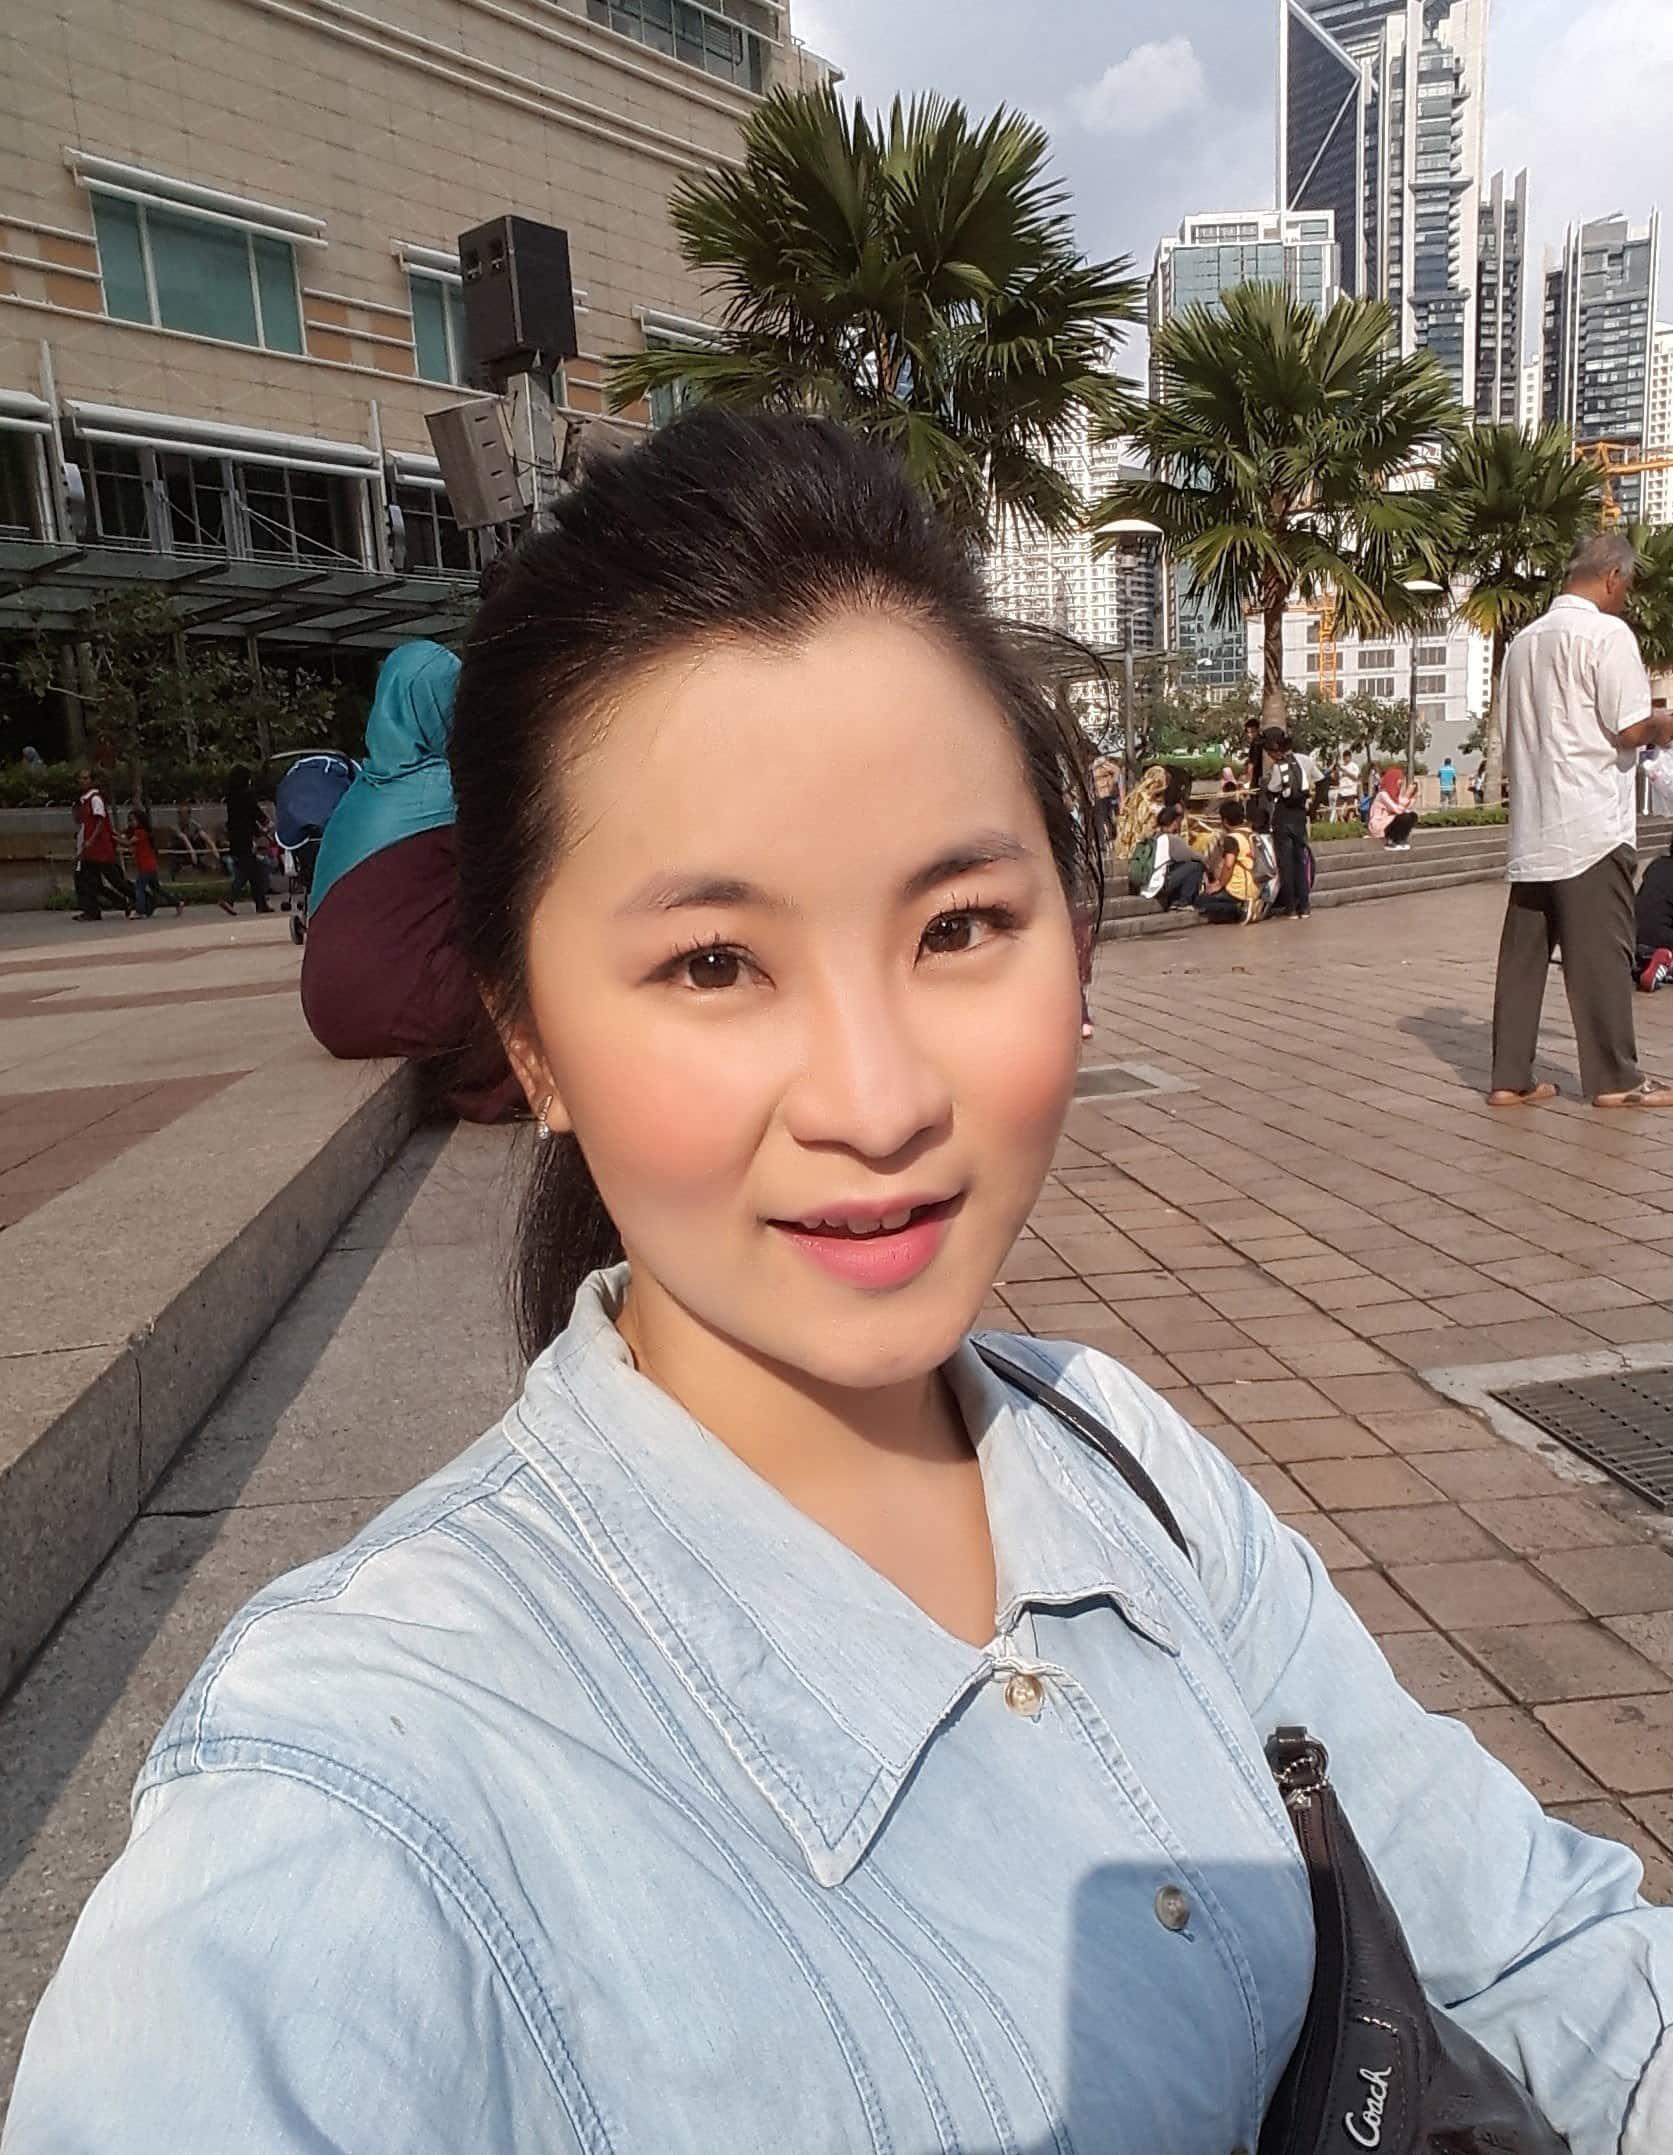 邬婕妤 / 马来西亚